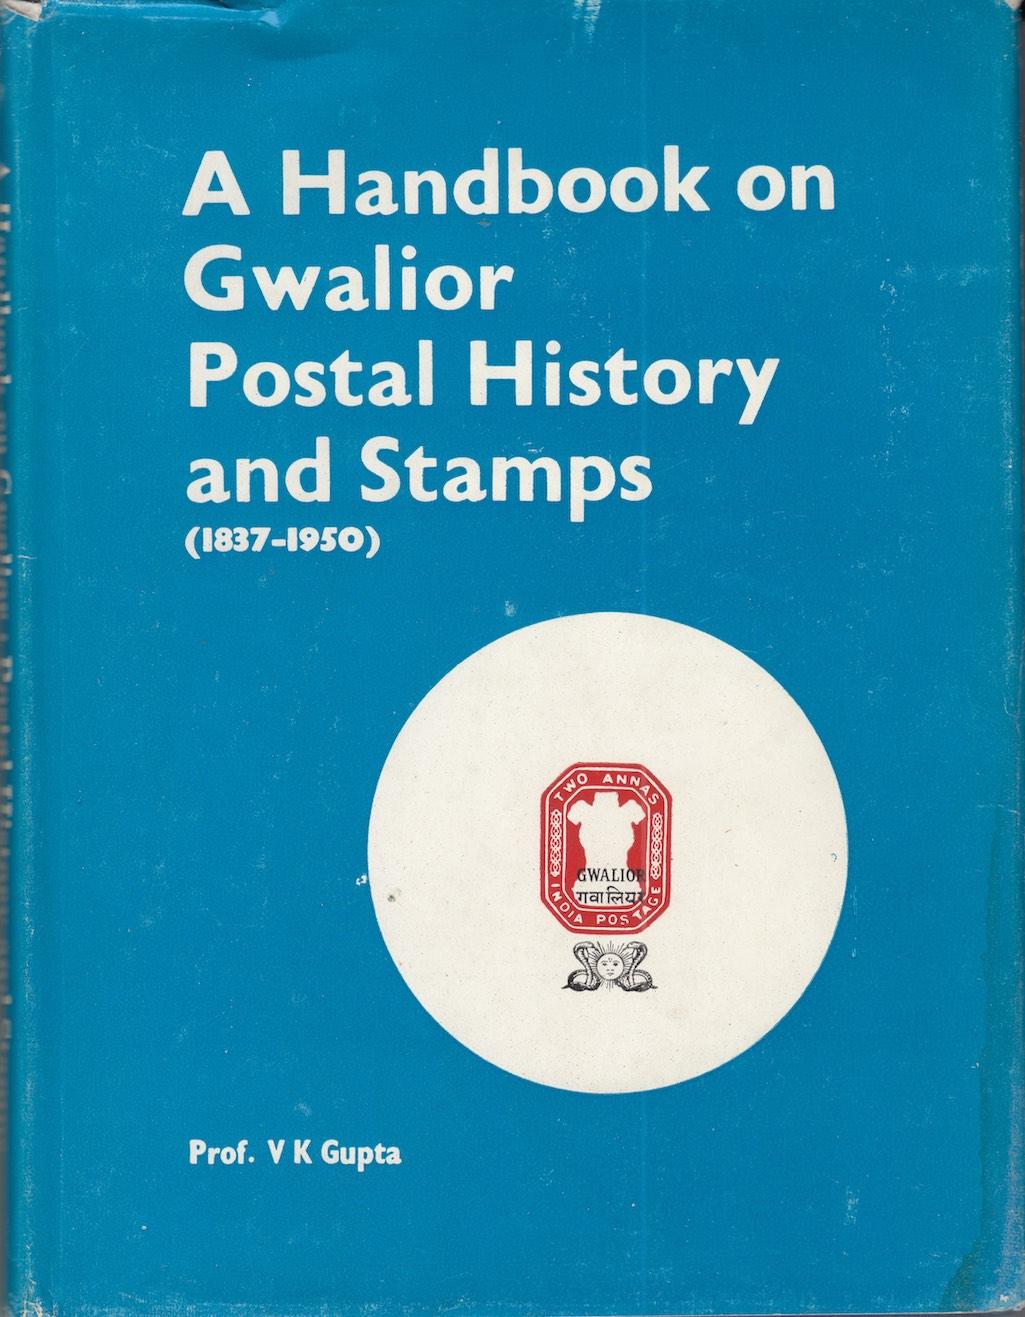 States Gwalior Postal History Stamps V.K. Gupta